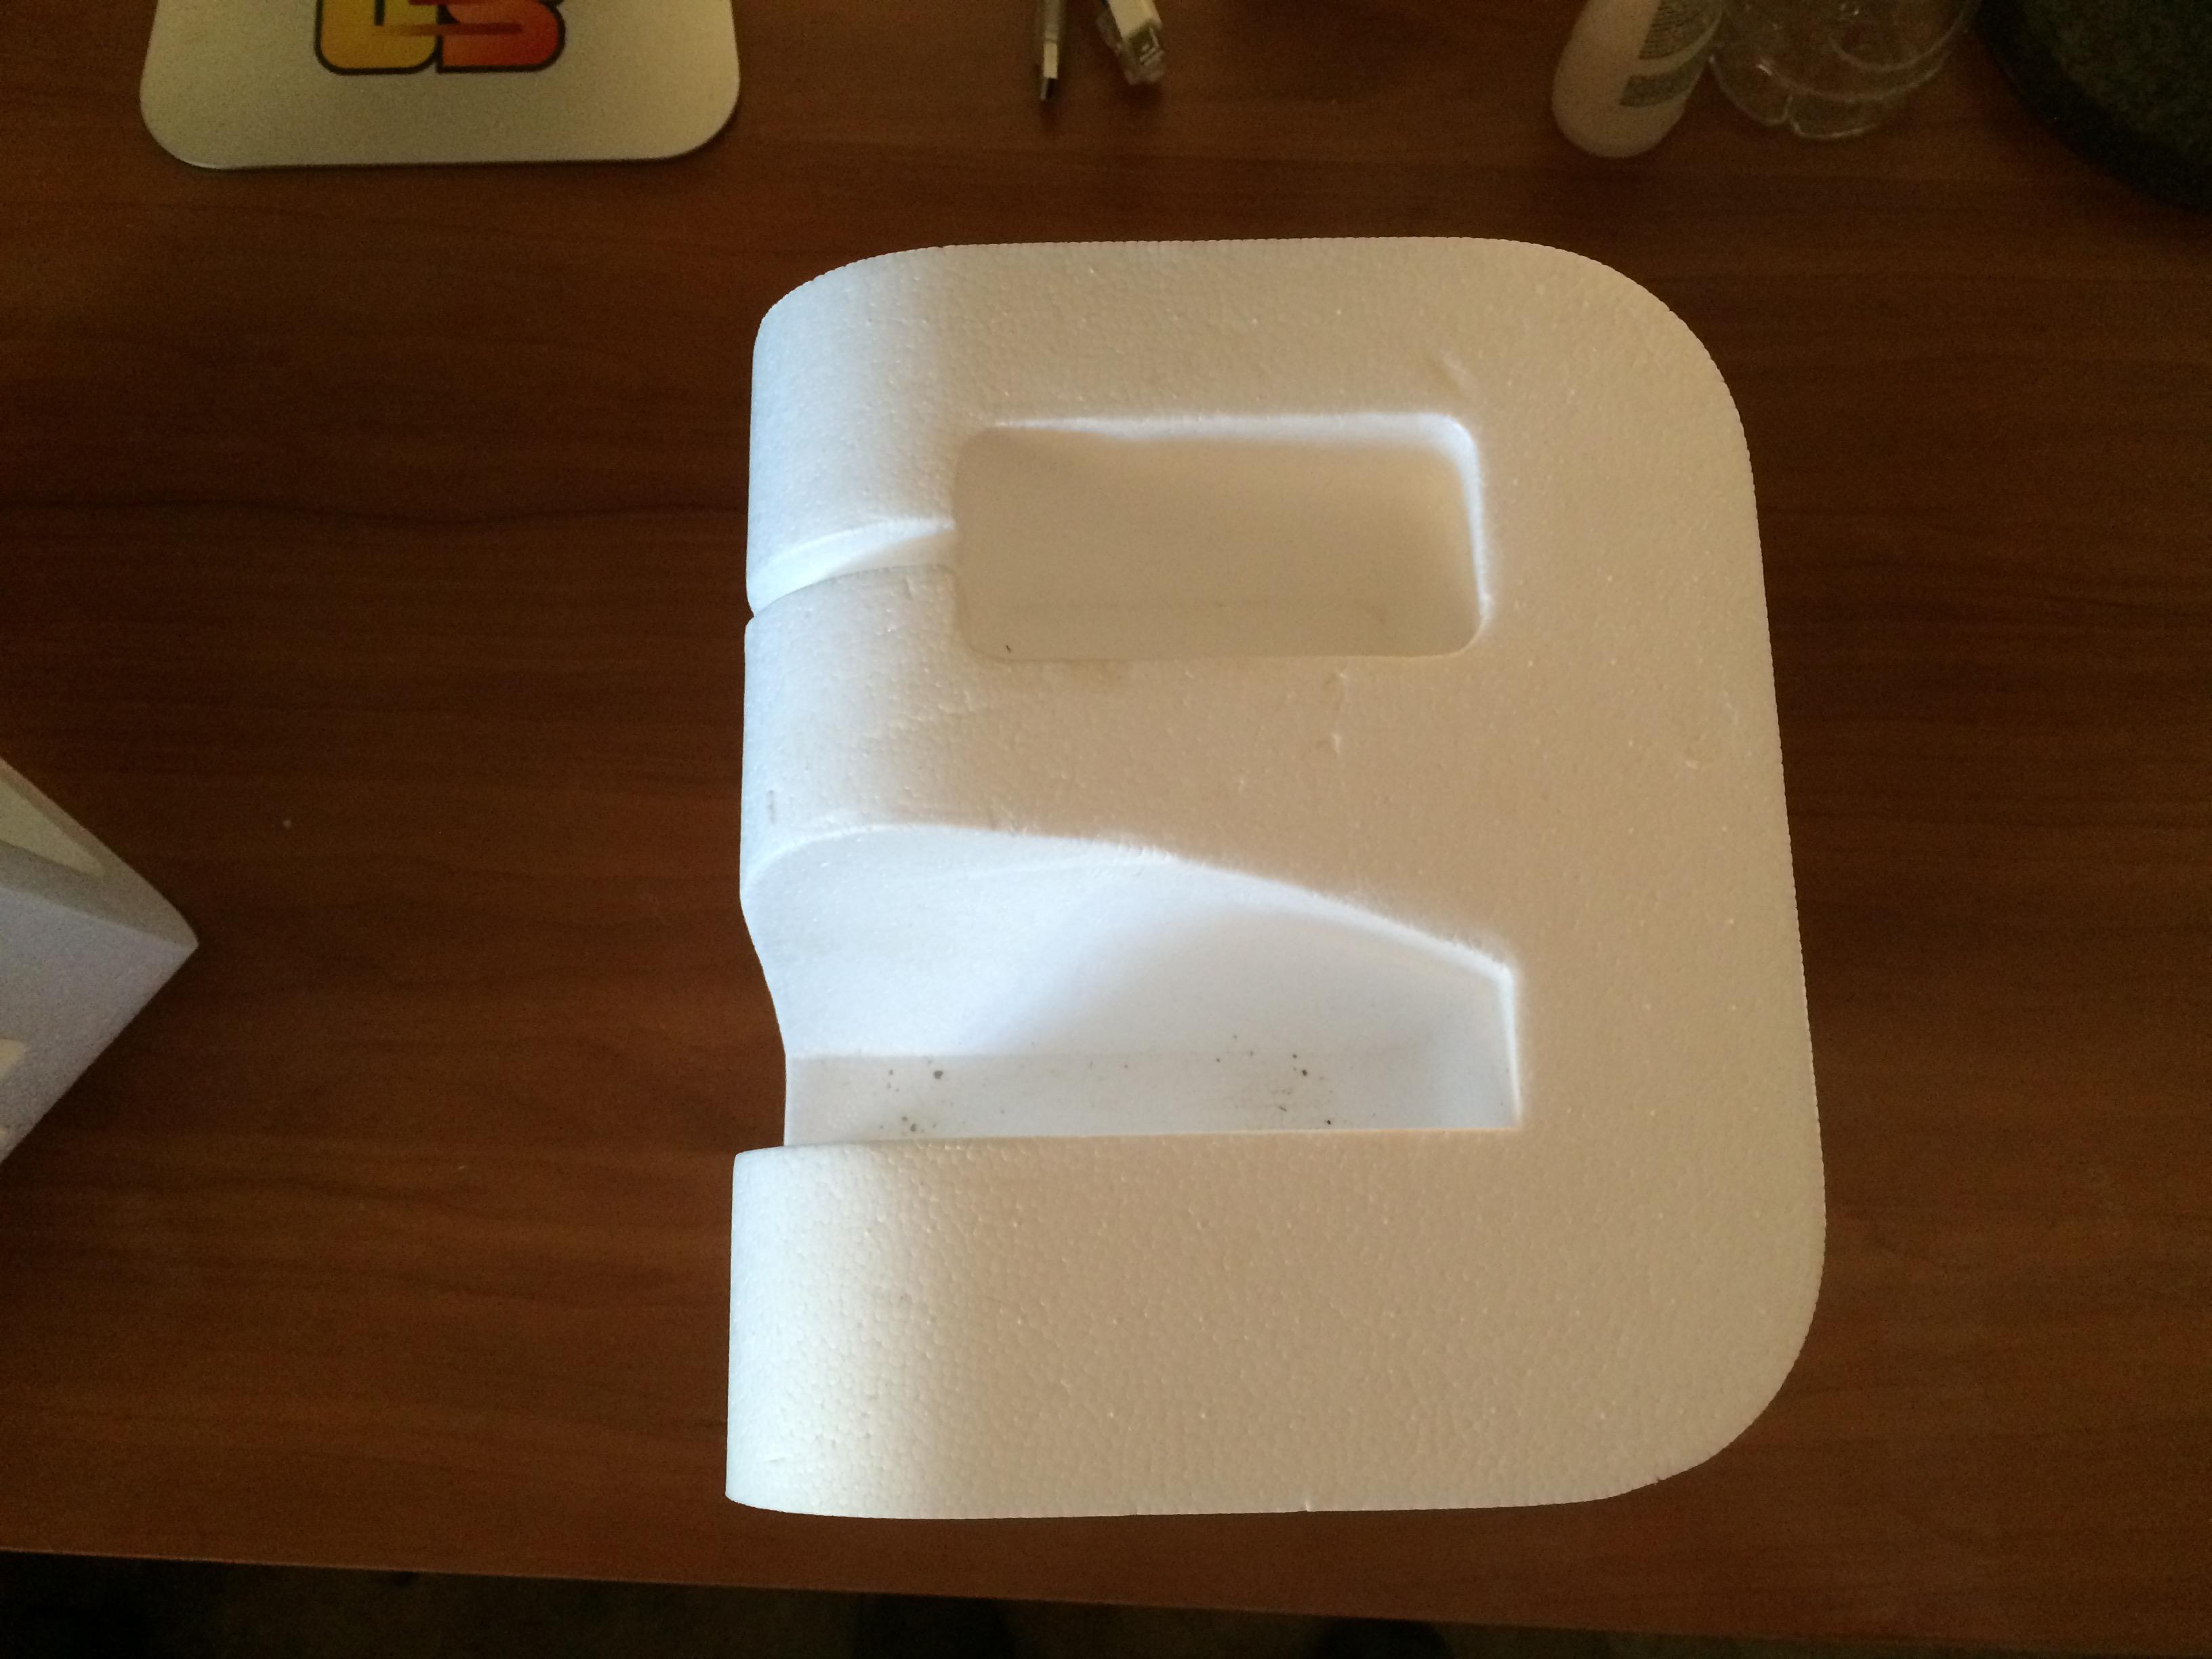 Bottom Right Styrofoam